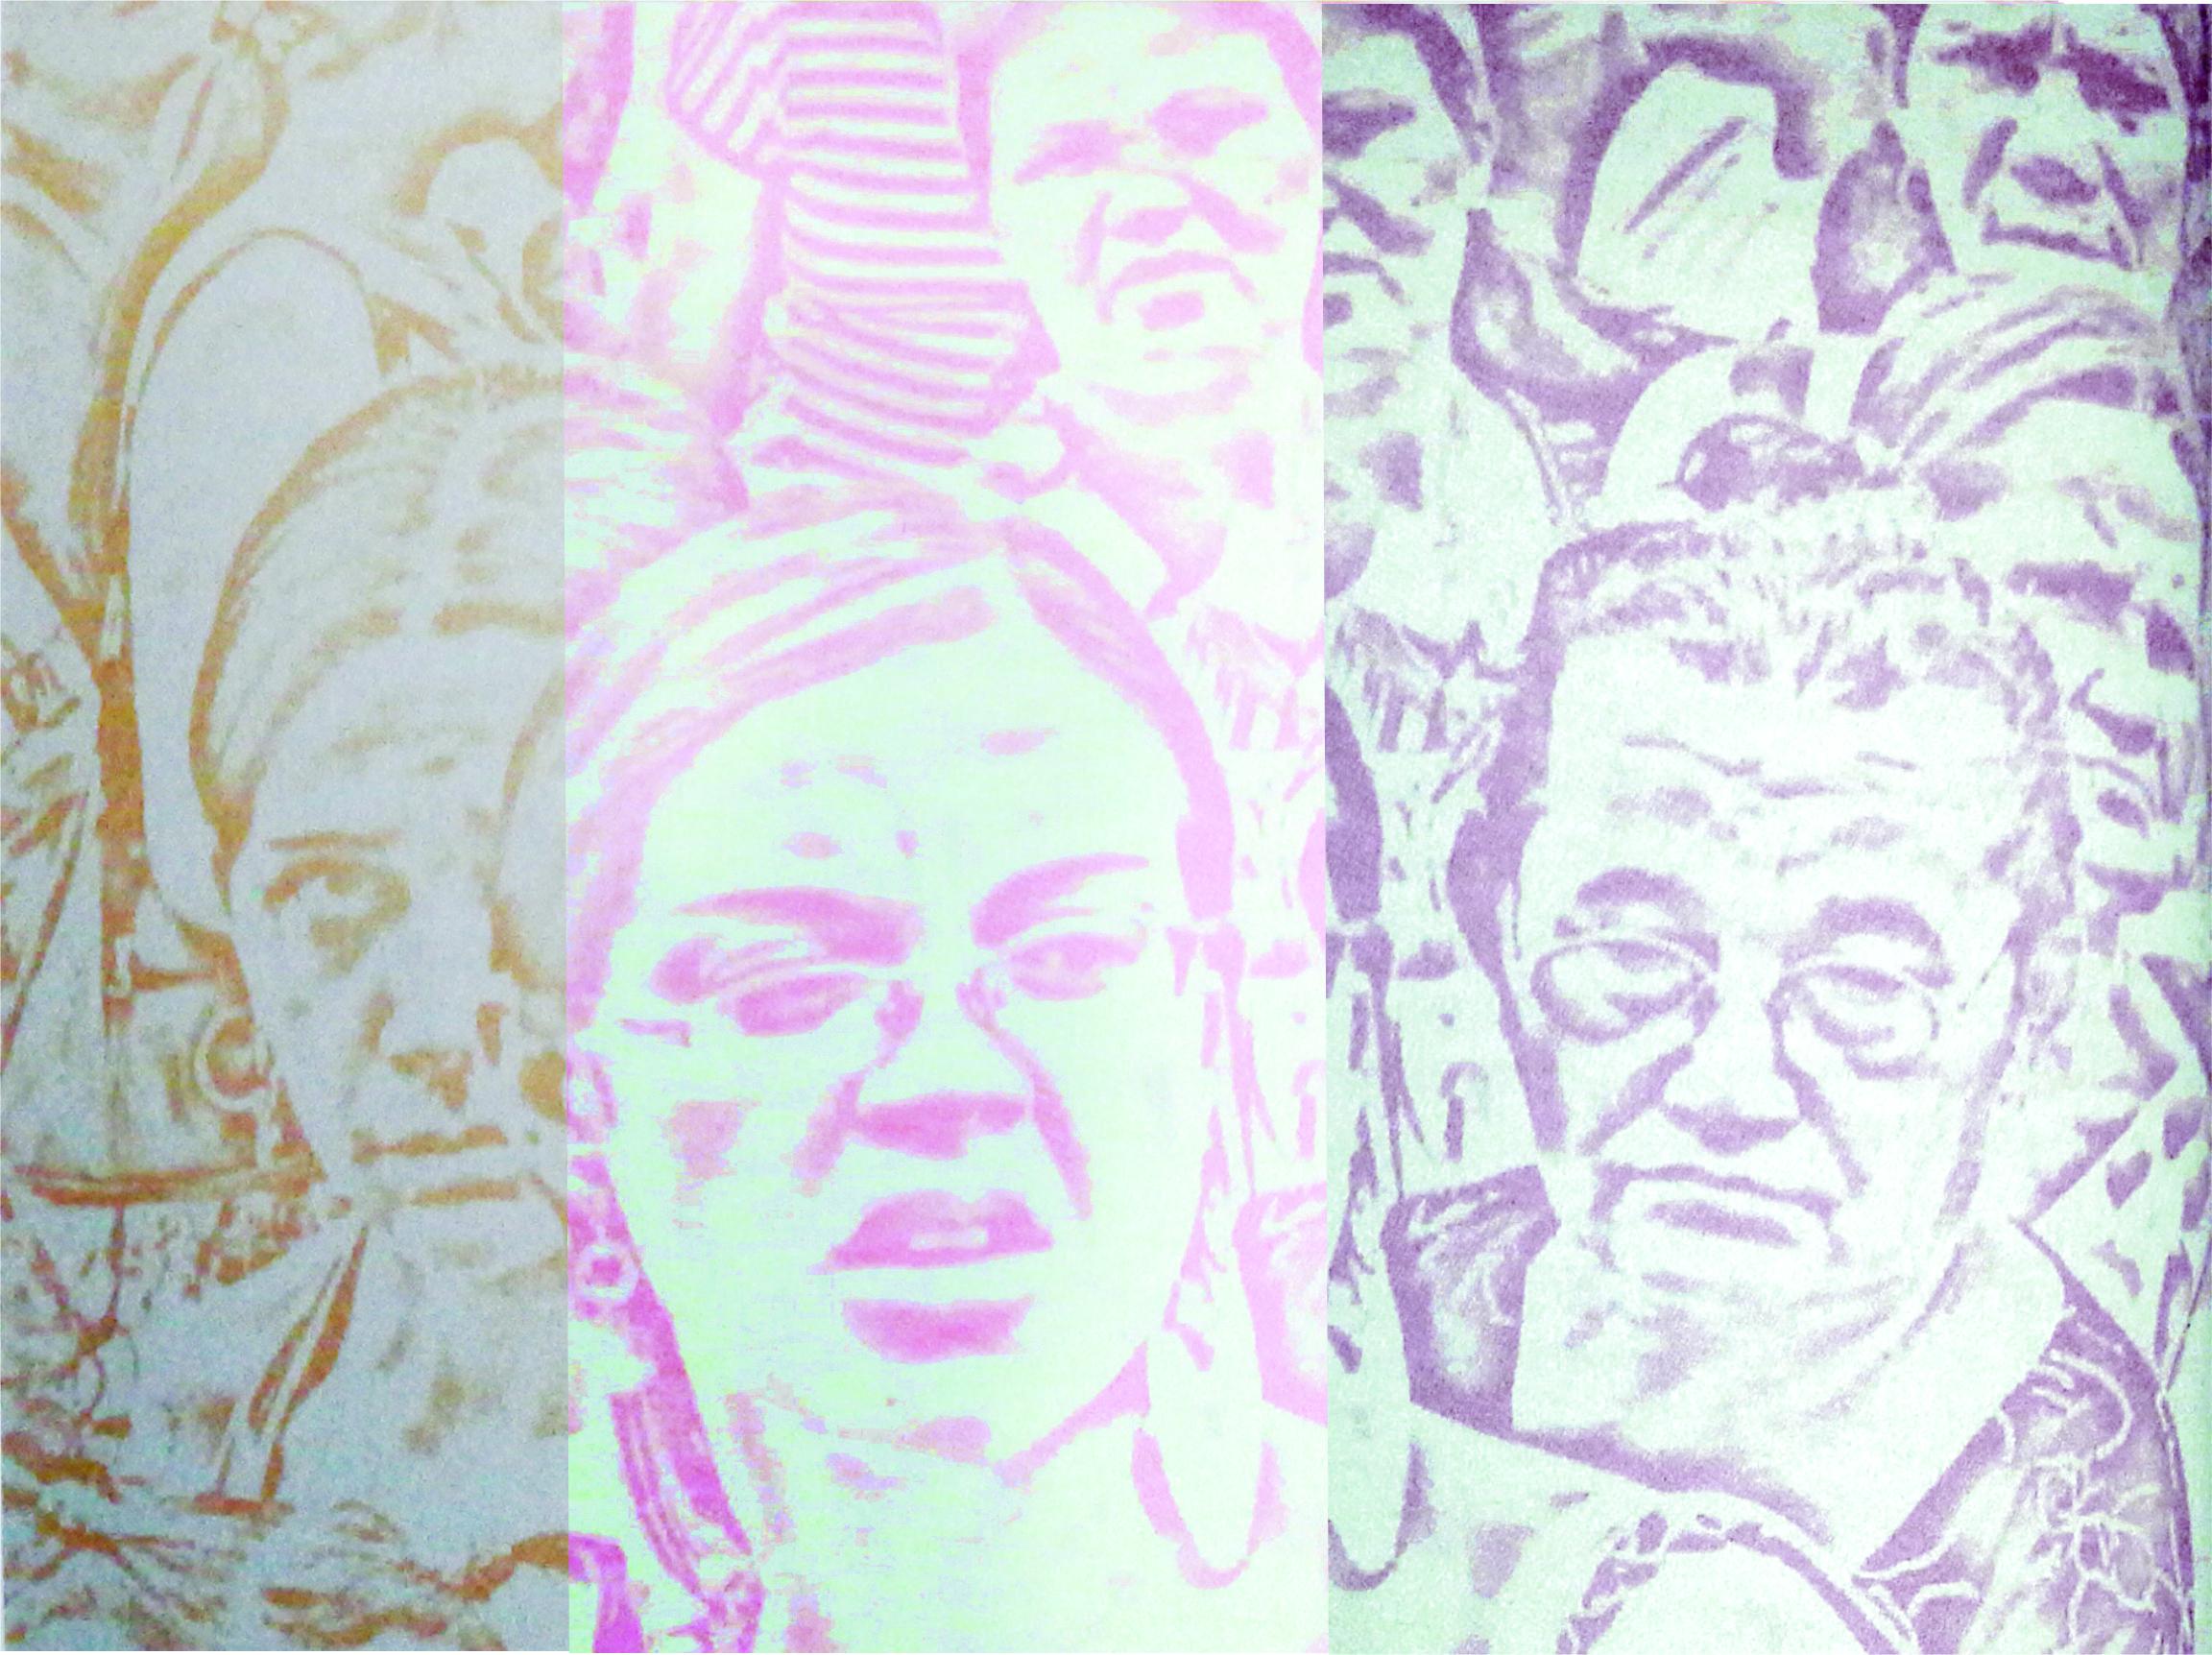 Pontos de Vista – As políticas públicas para as mulheres durante o primeiro governo Dilma.